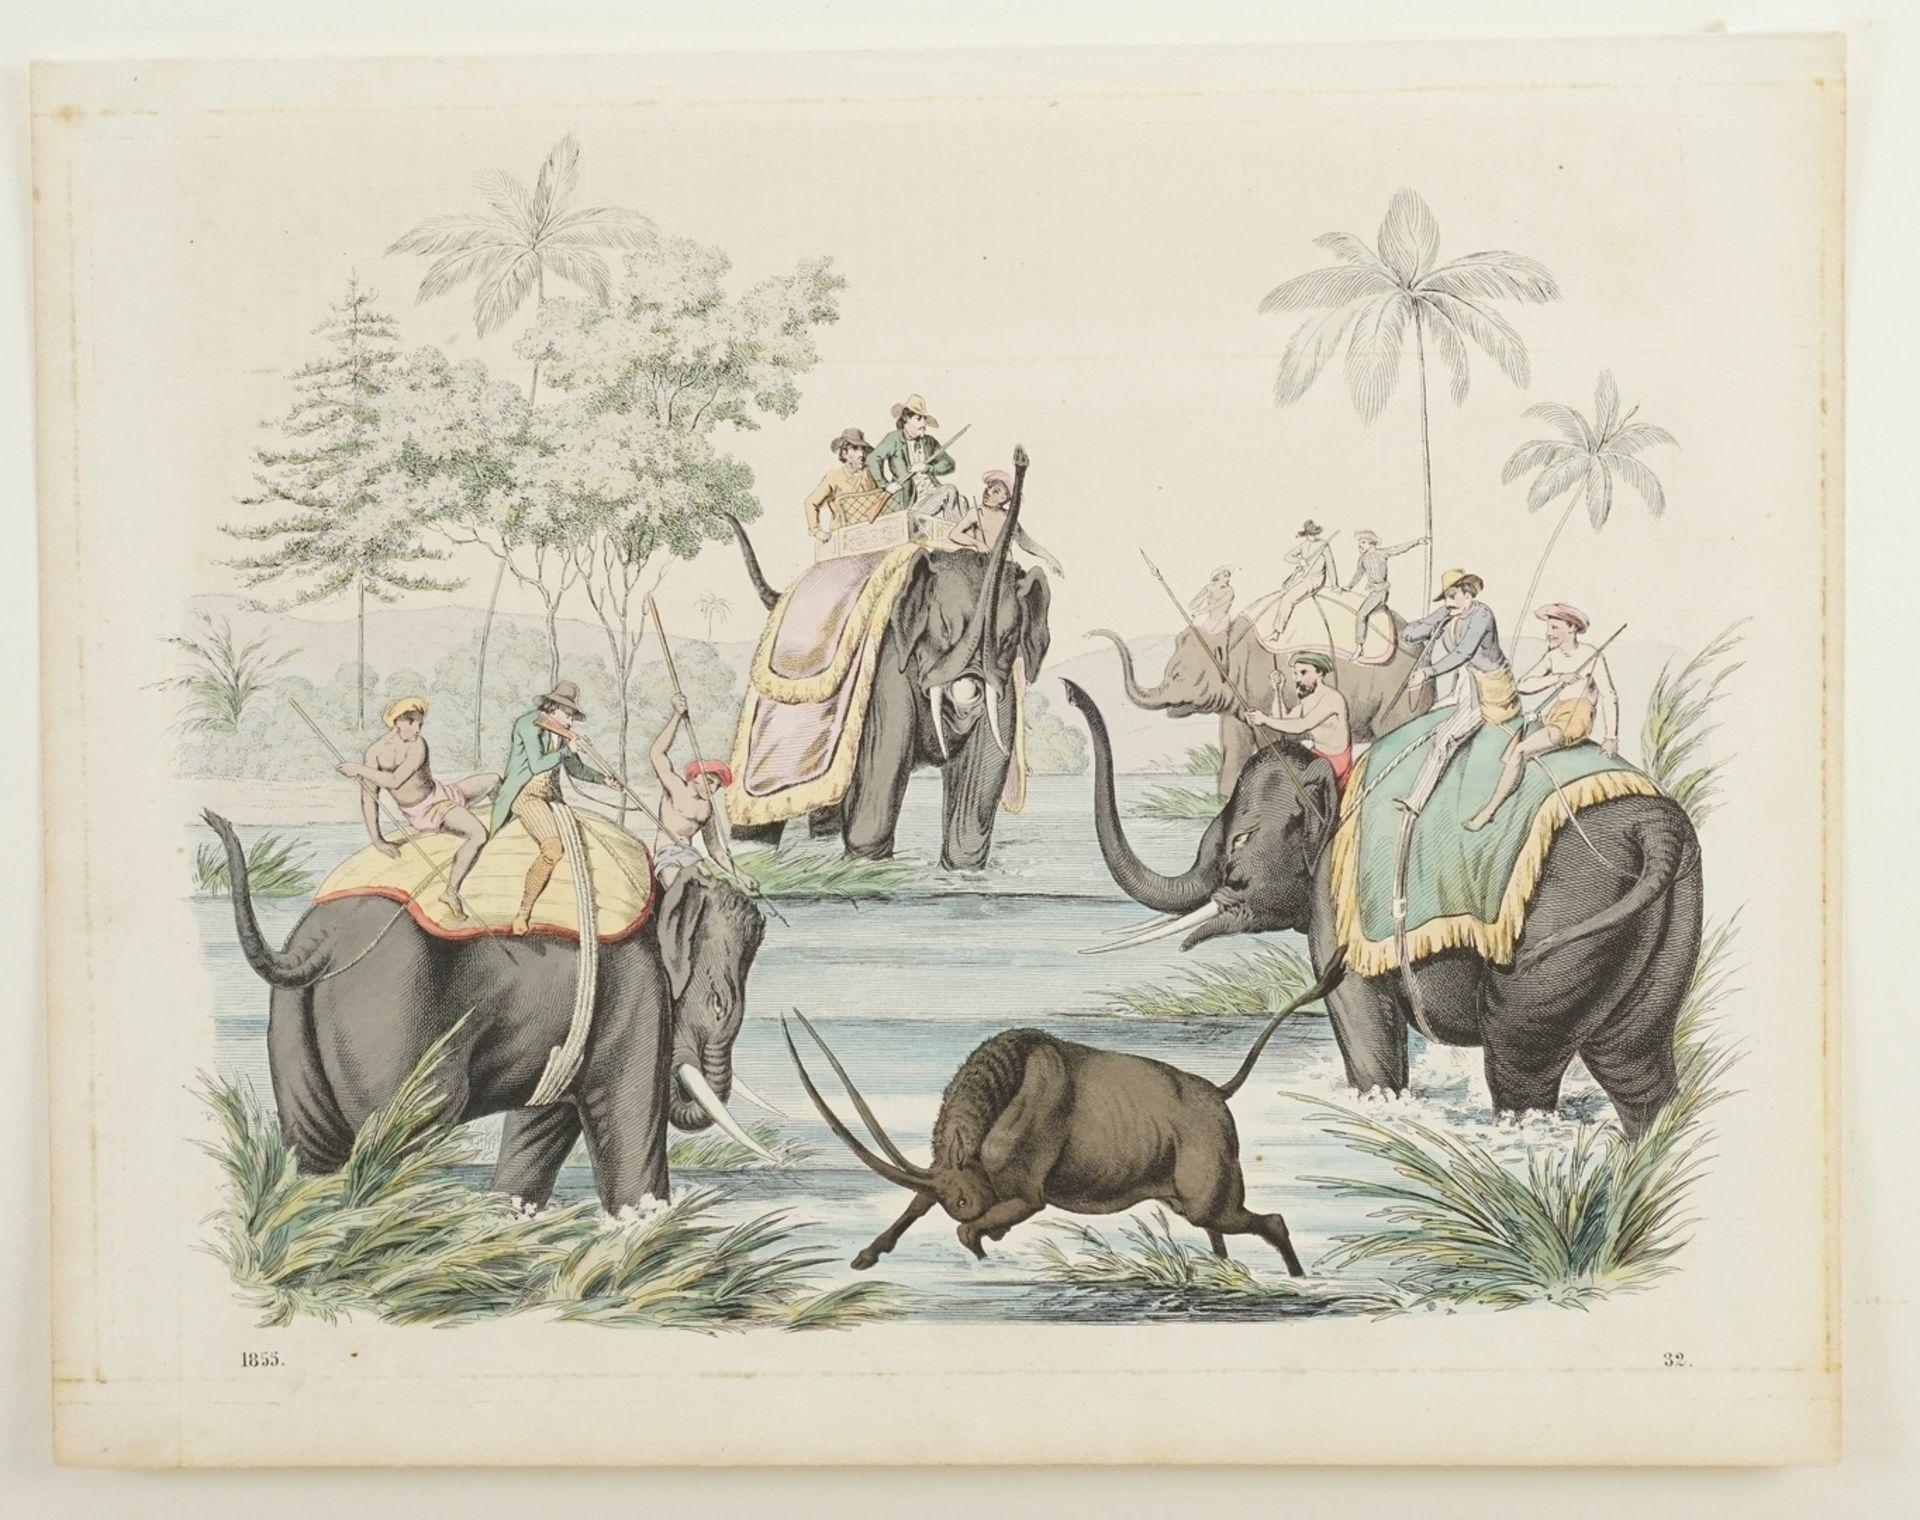 Jagd mit Elefanten in Indien - Bild 3 aus 3